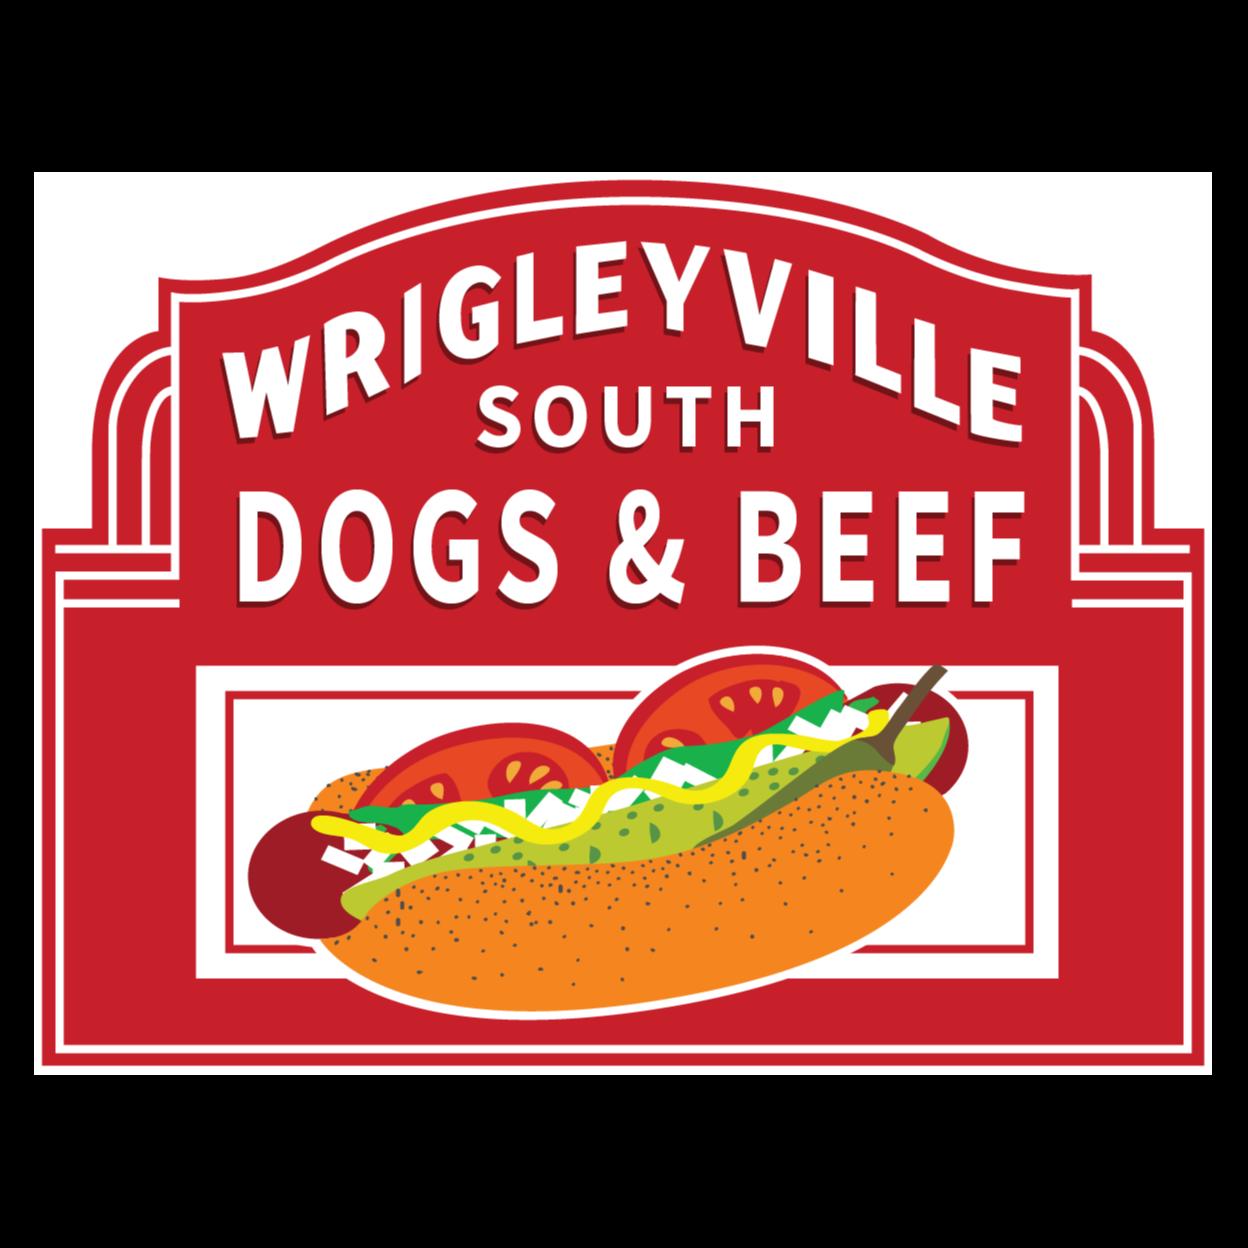 Wrigley Ville logo